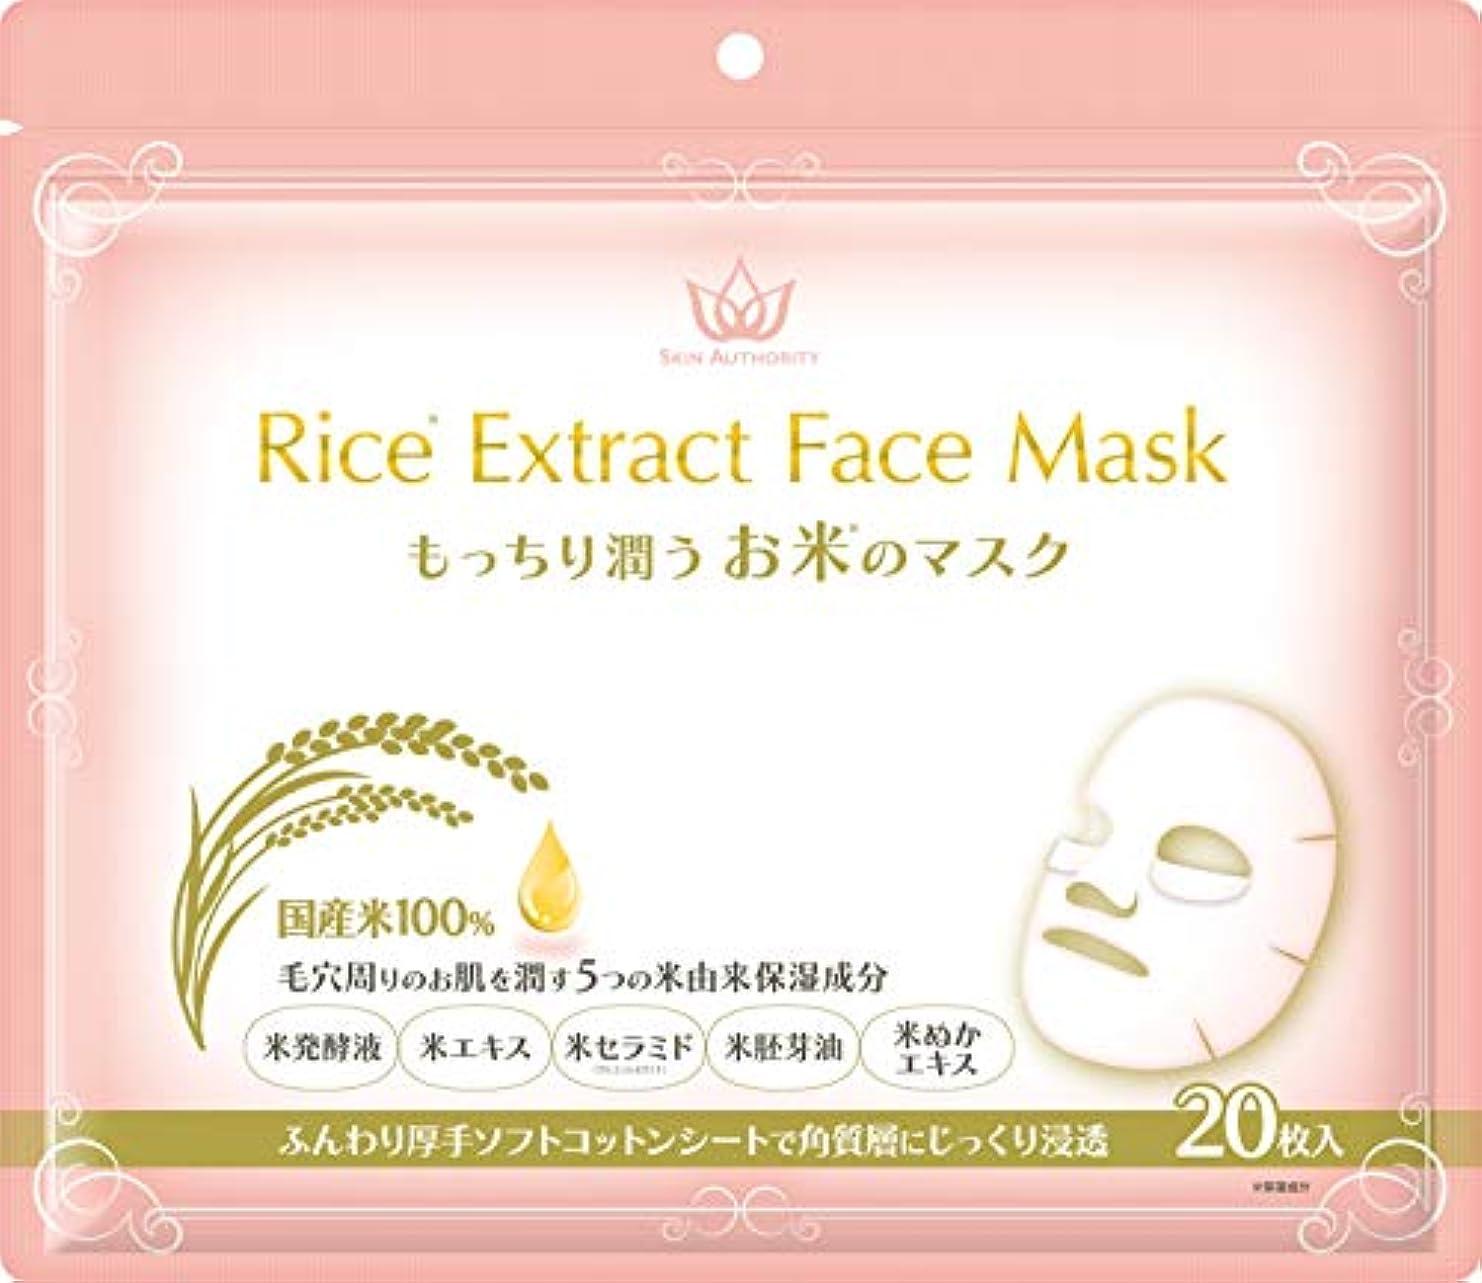 嫌悪かんがい実装する[Amazon限定ブランド] SKIN AUTHORITY もっちり潤うお米のマスク 20枚入 (300ml)